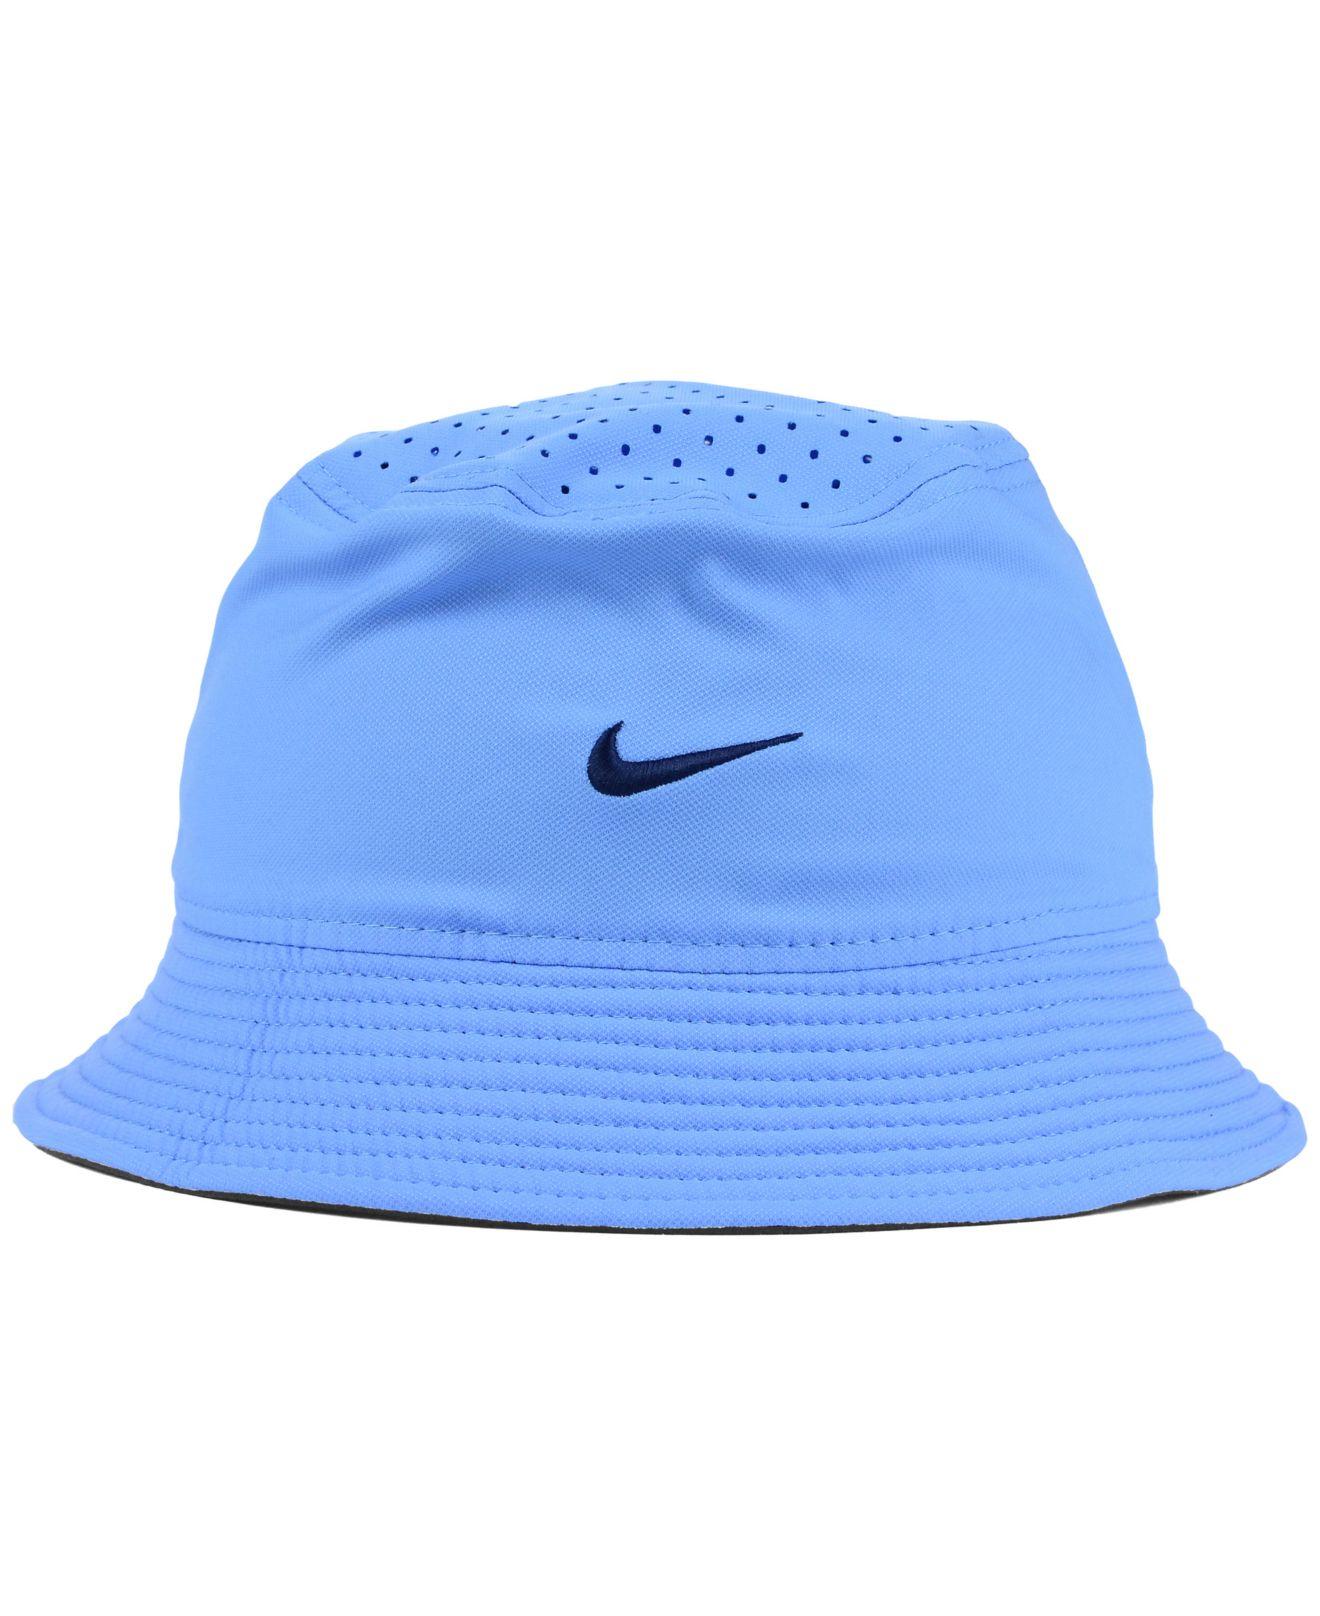 Lyst - Nike North Carolina Tar Heels Vapor Bucket Hat in Blue for Men 1f6f03f9d54